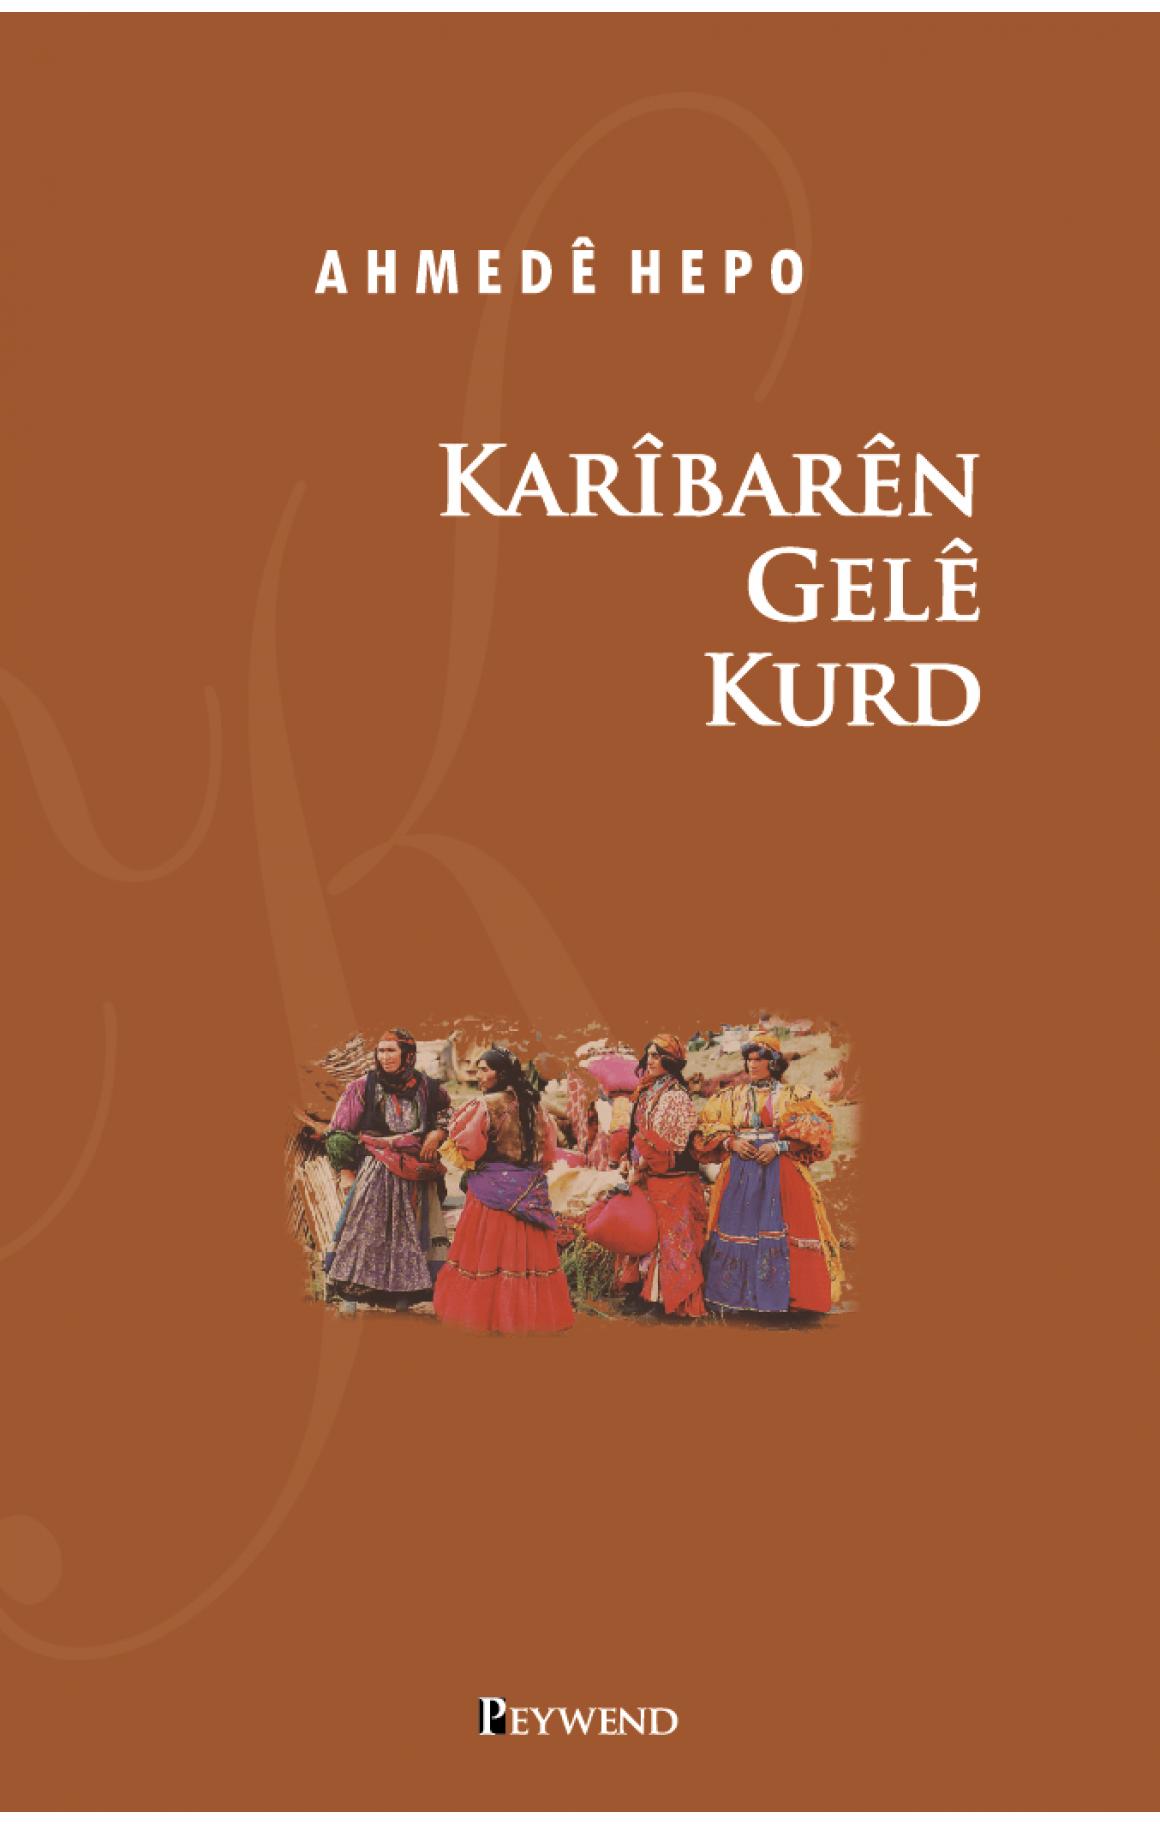 Karîbarên Gelê Kurd